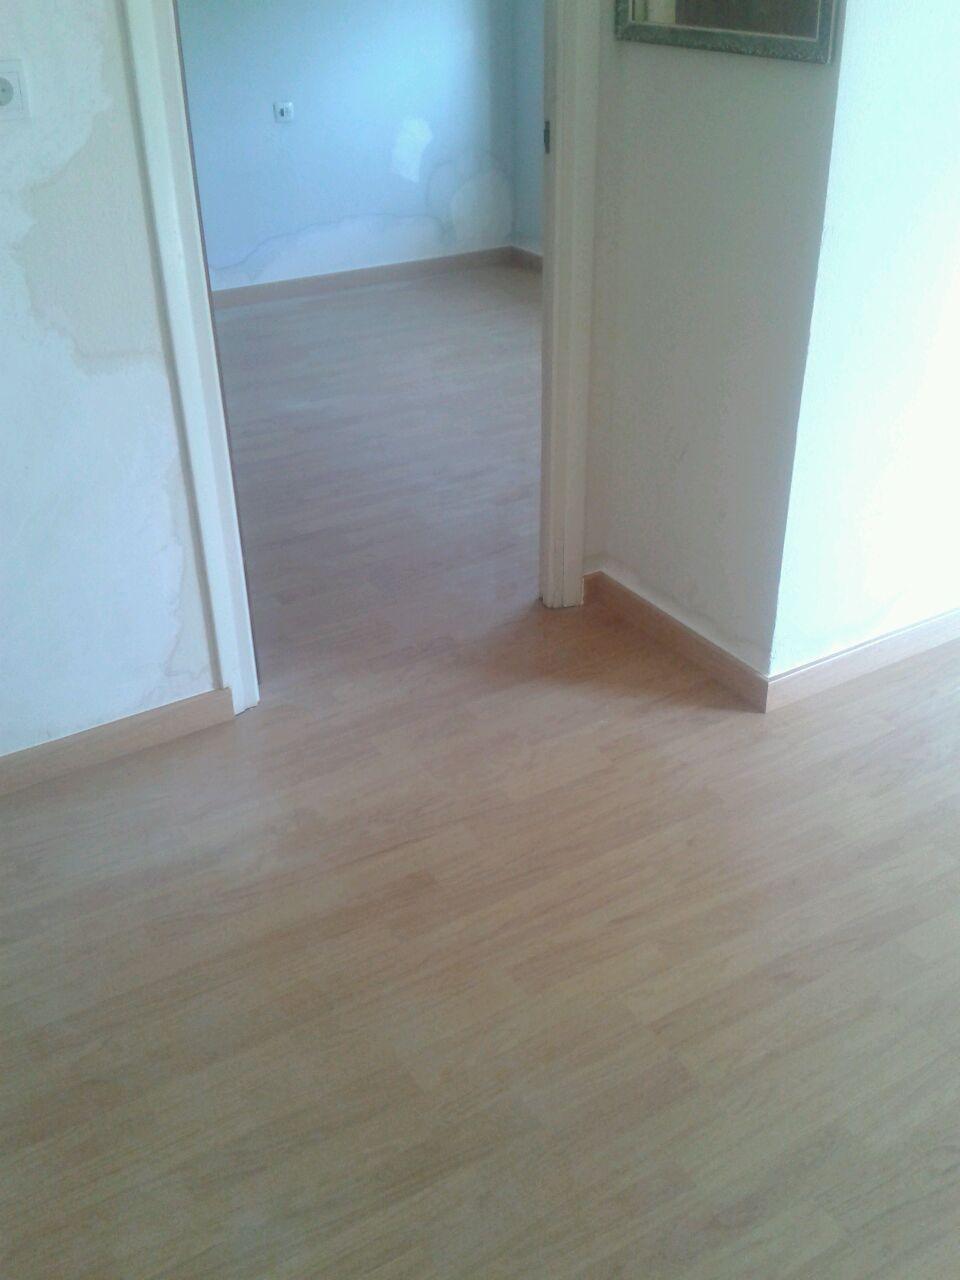 Casa de este alojamiento suelo radiante humedad barato - Suelo radiante parquet ...